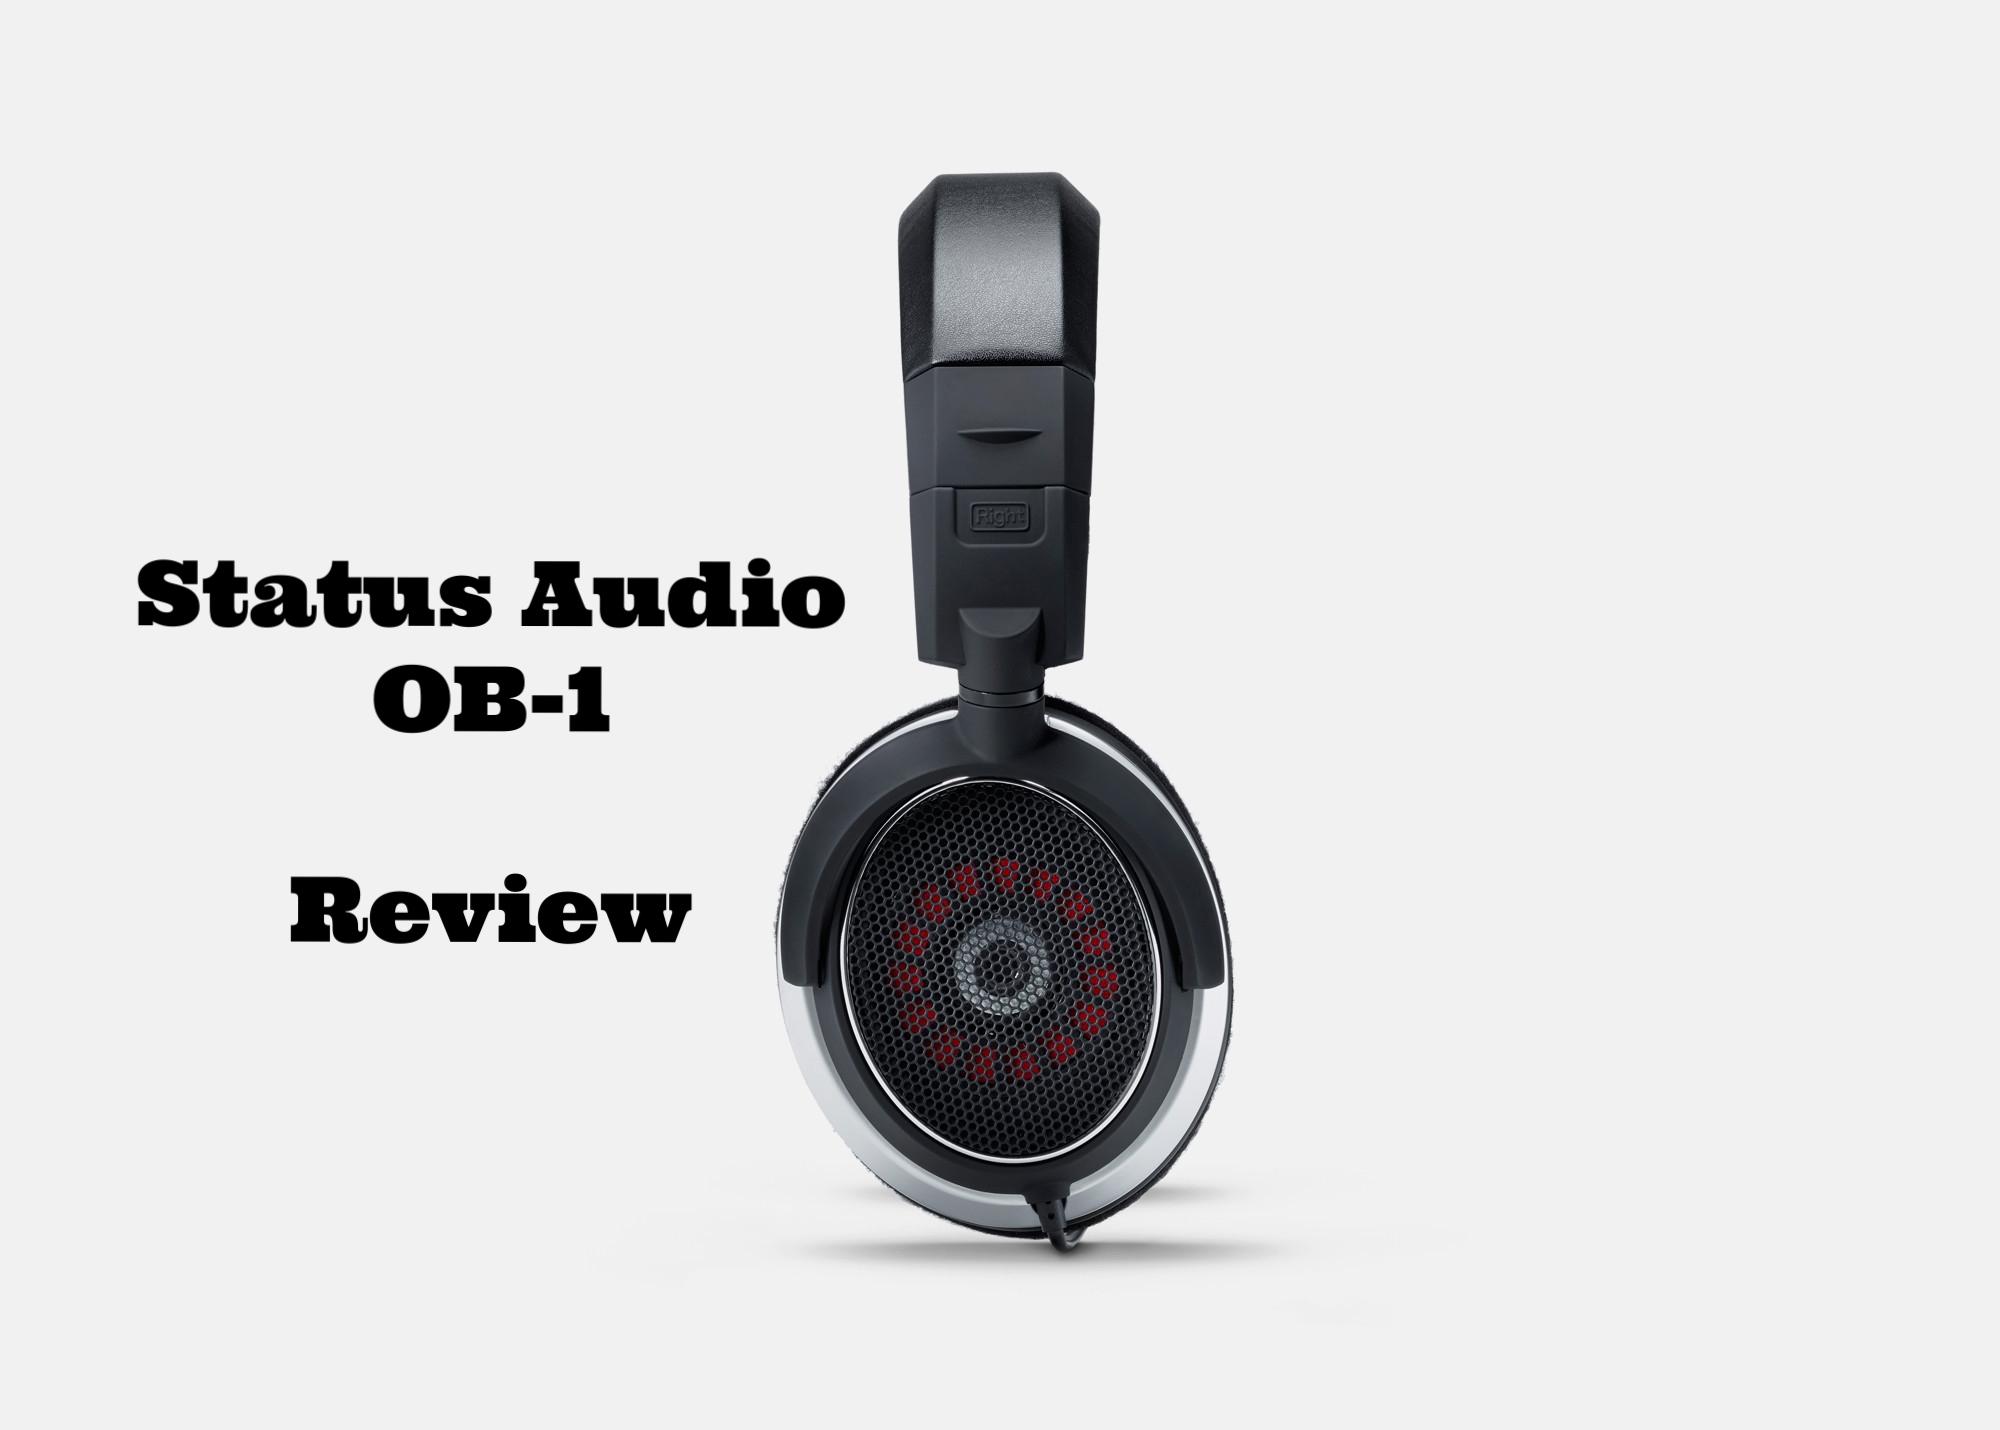 Status Audio OB-1 Review